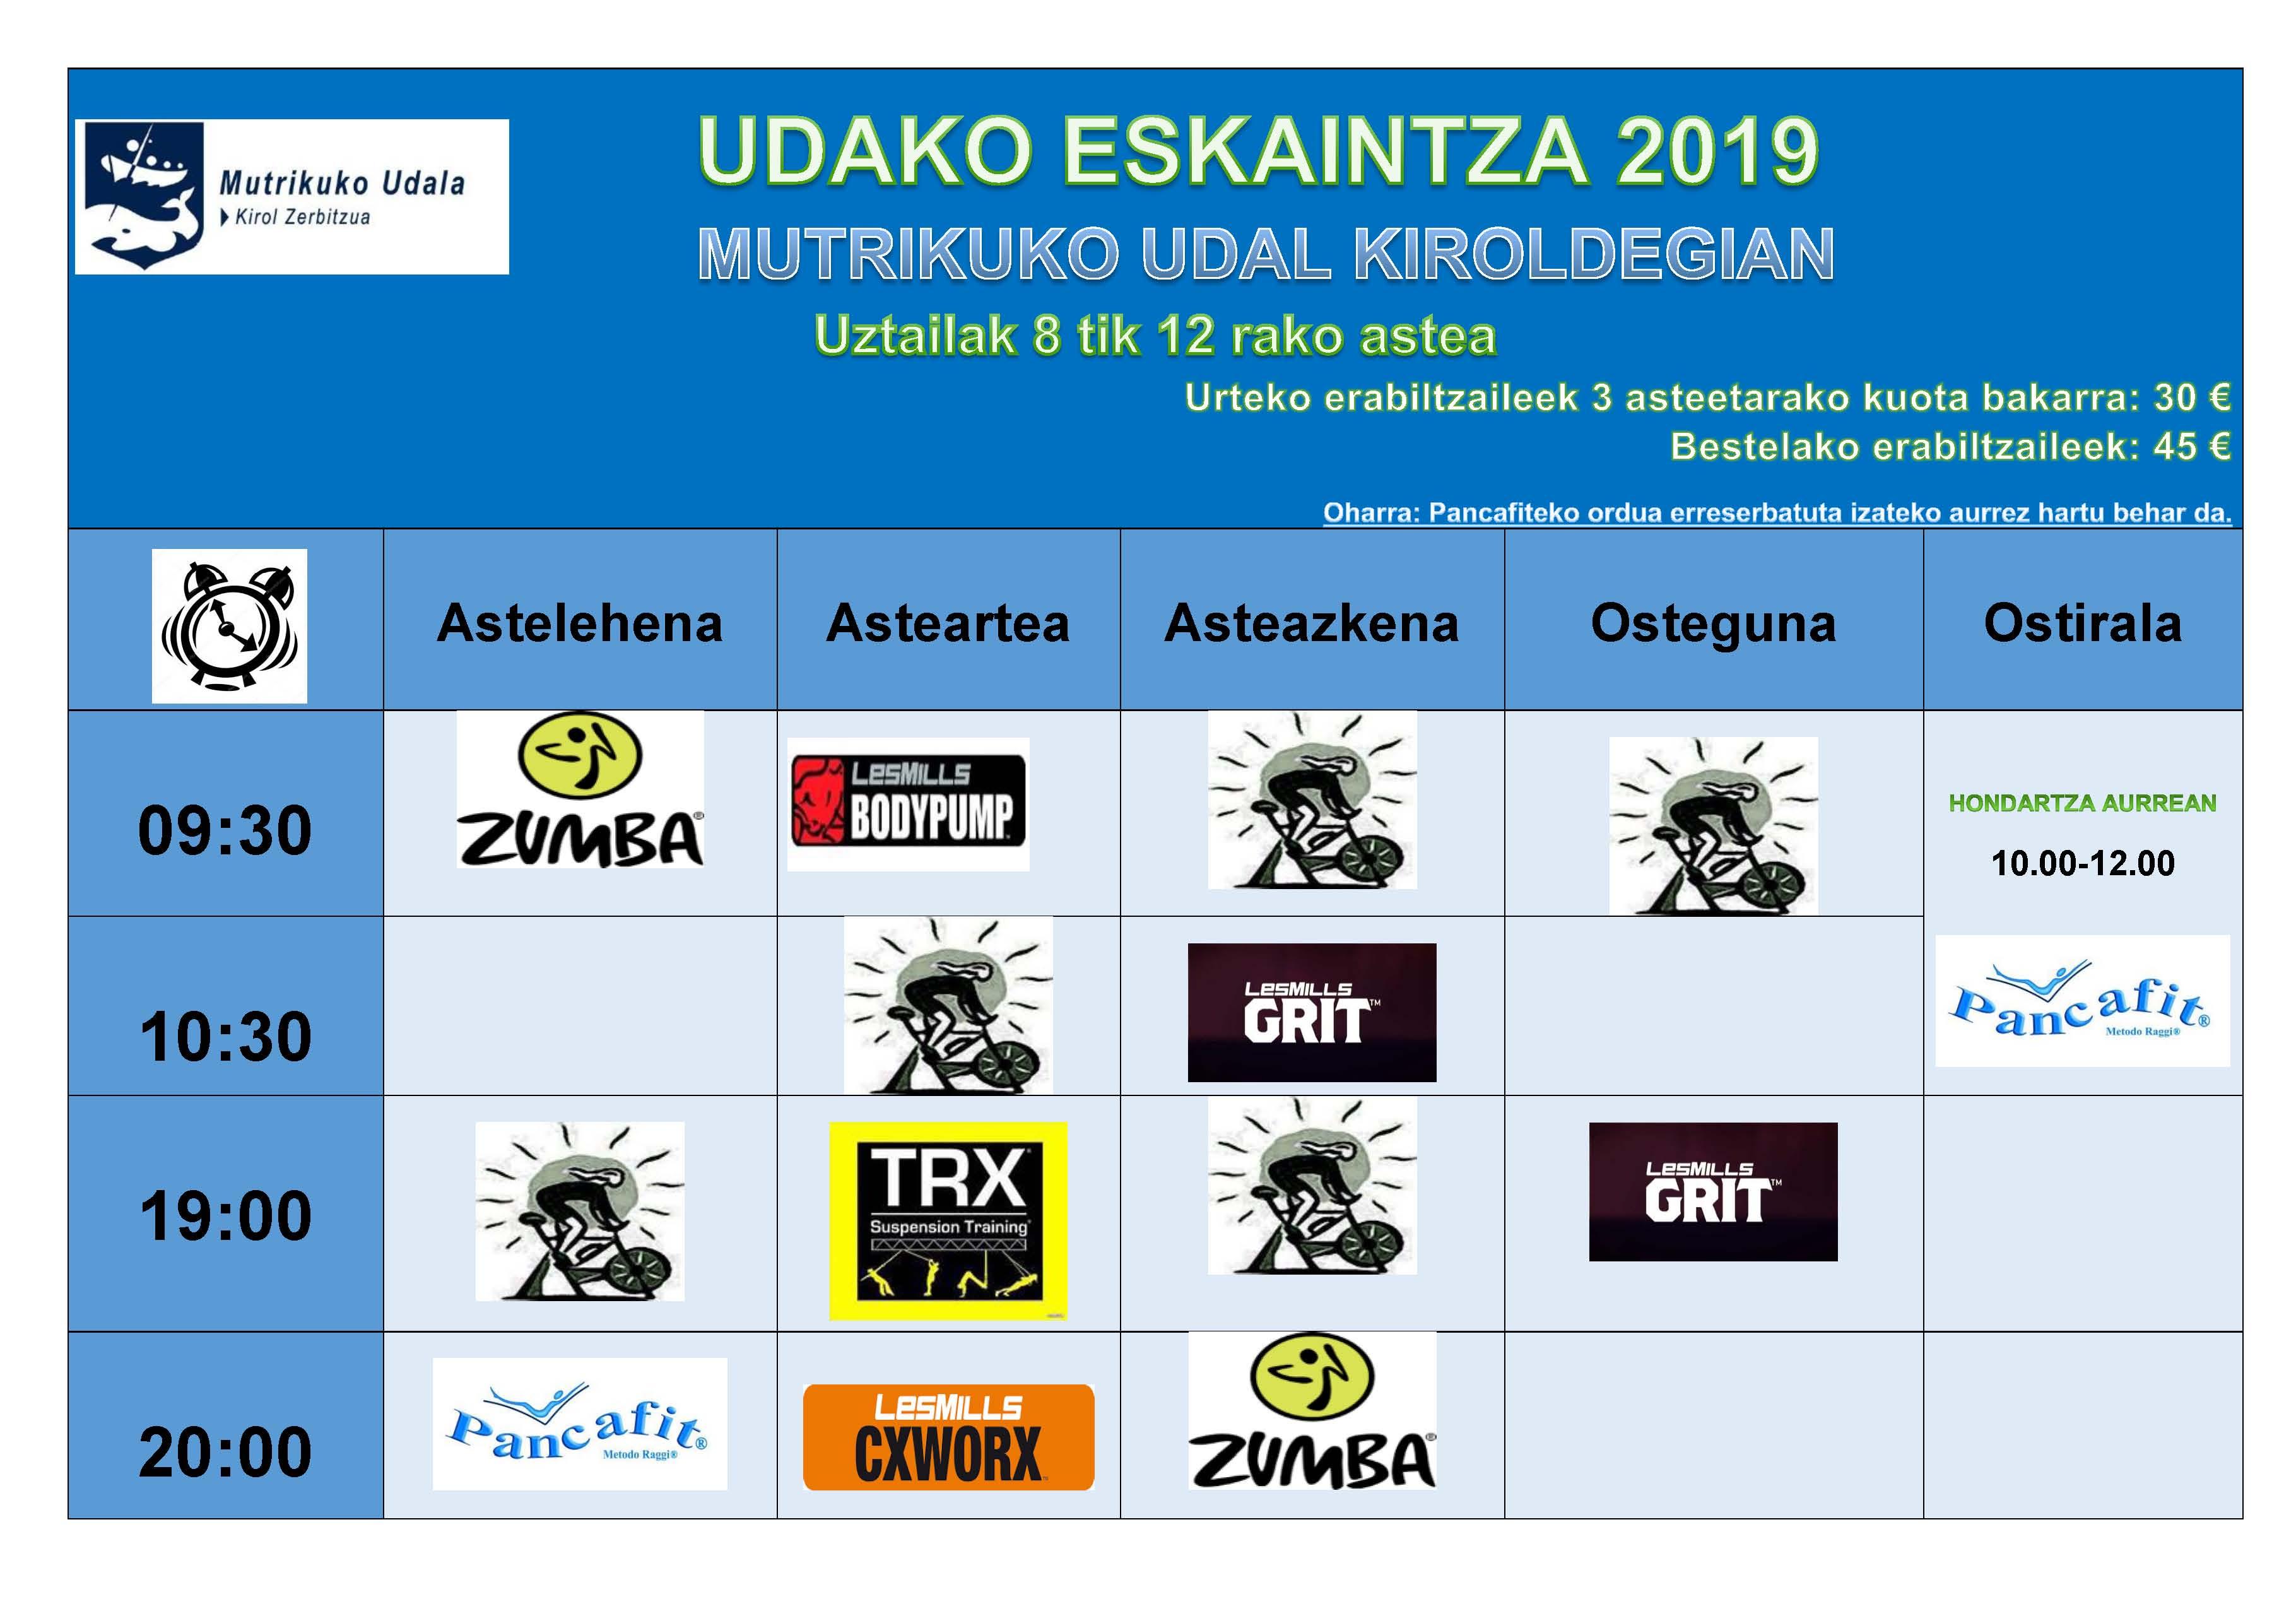 UDAKO ESKAINTZA 2019 uztailak 8-12.jpg